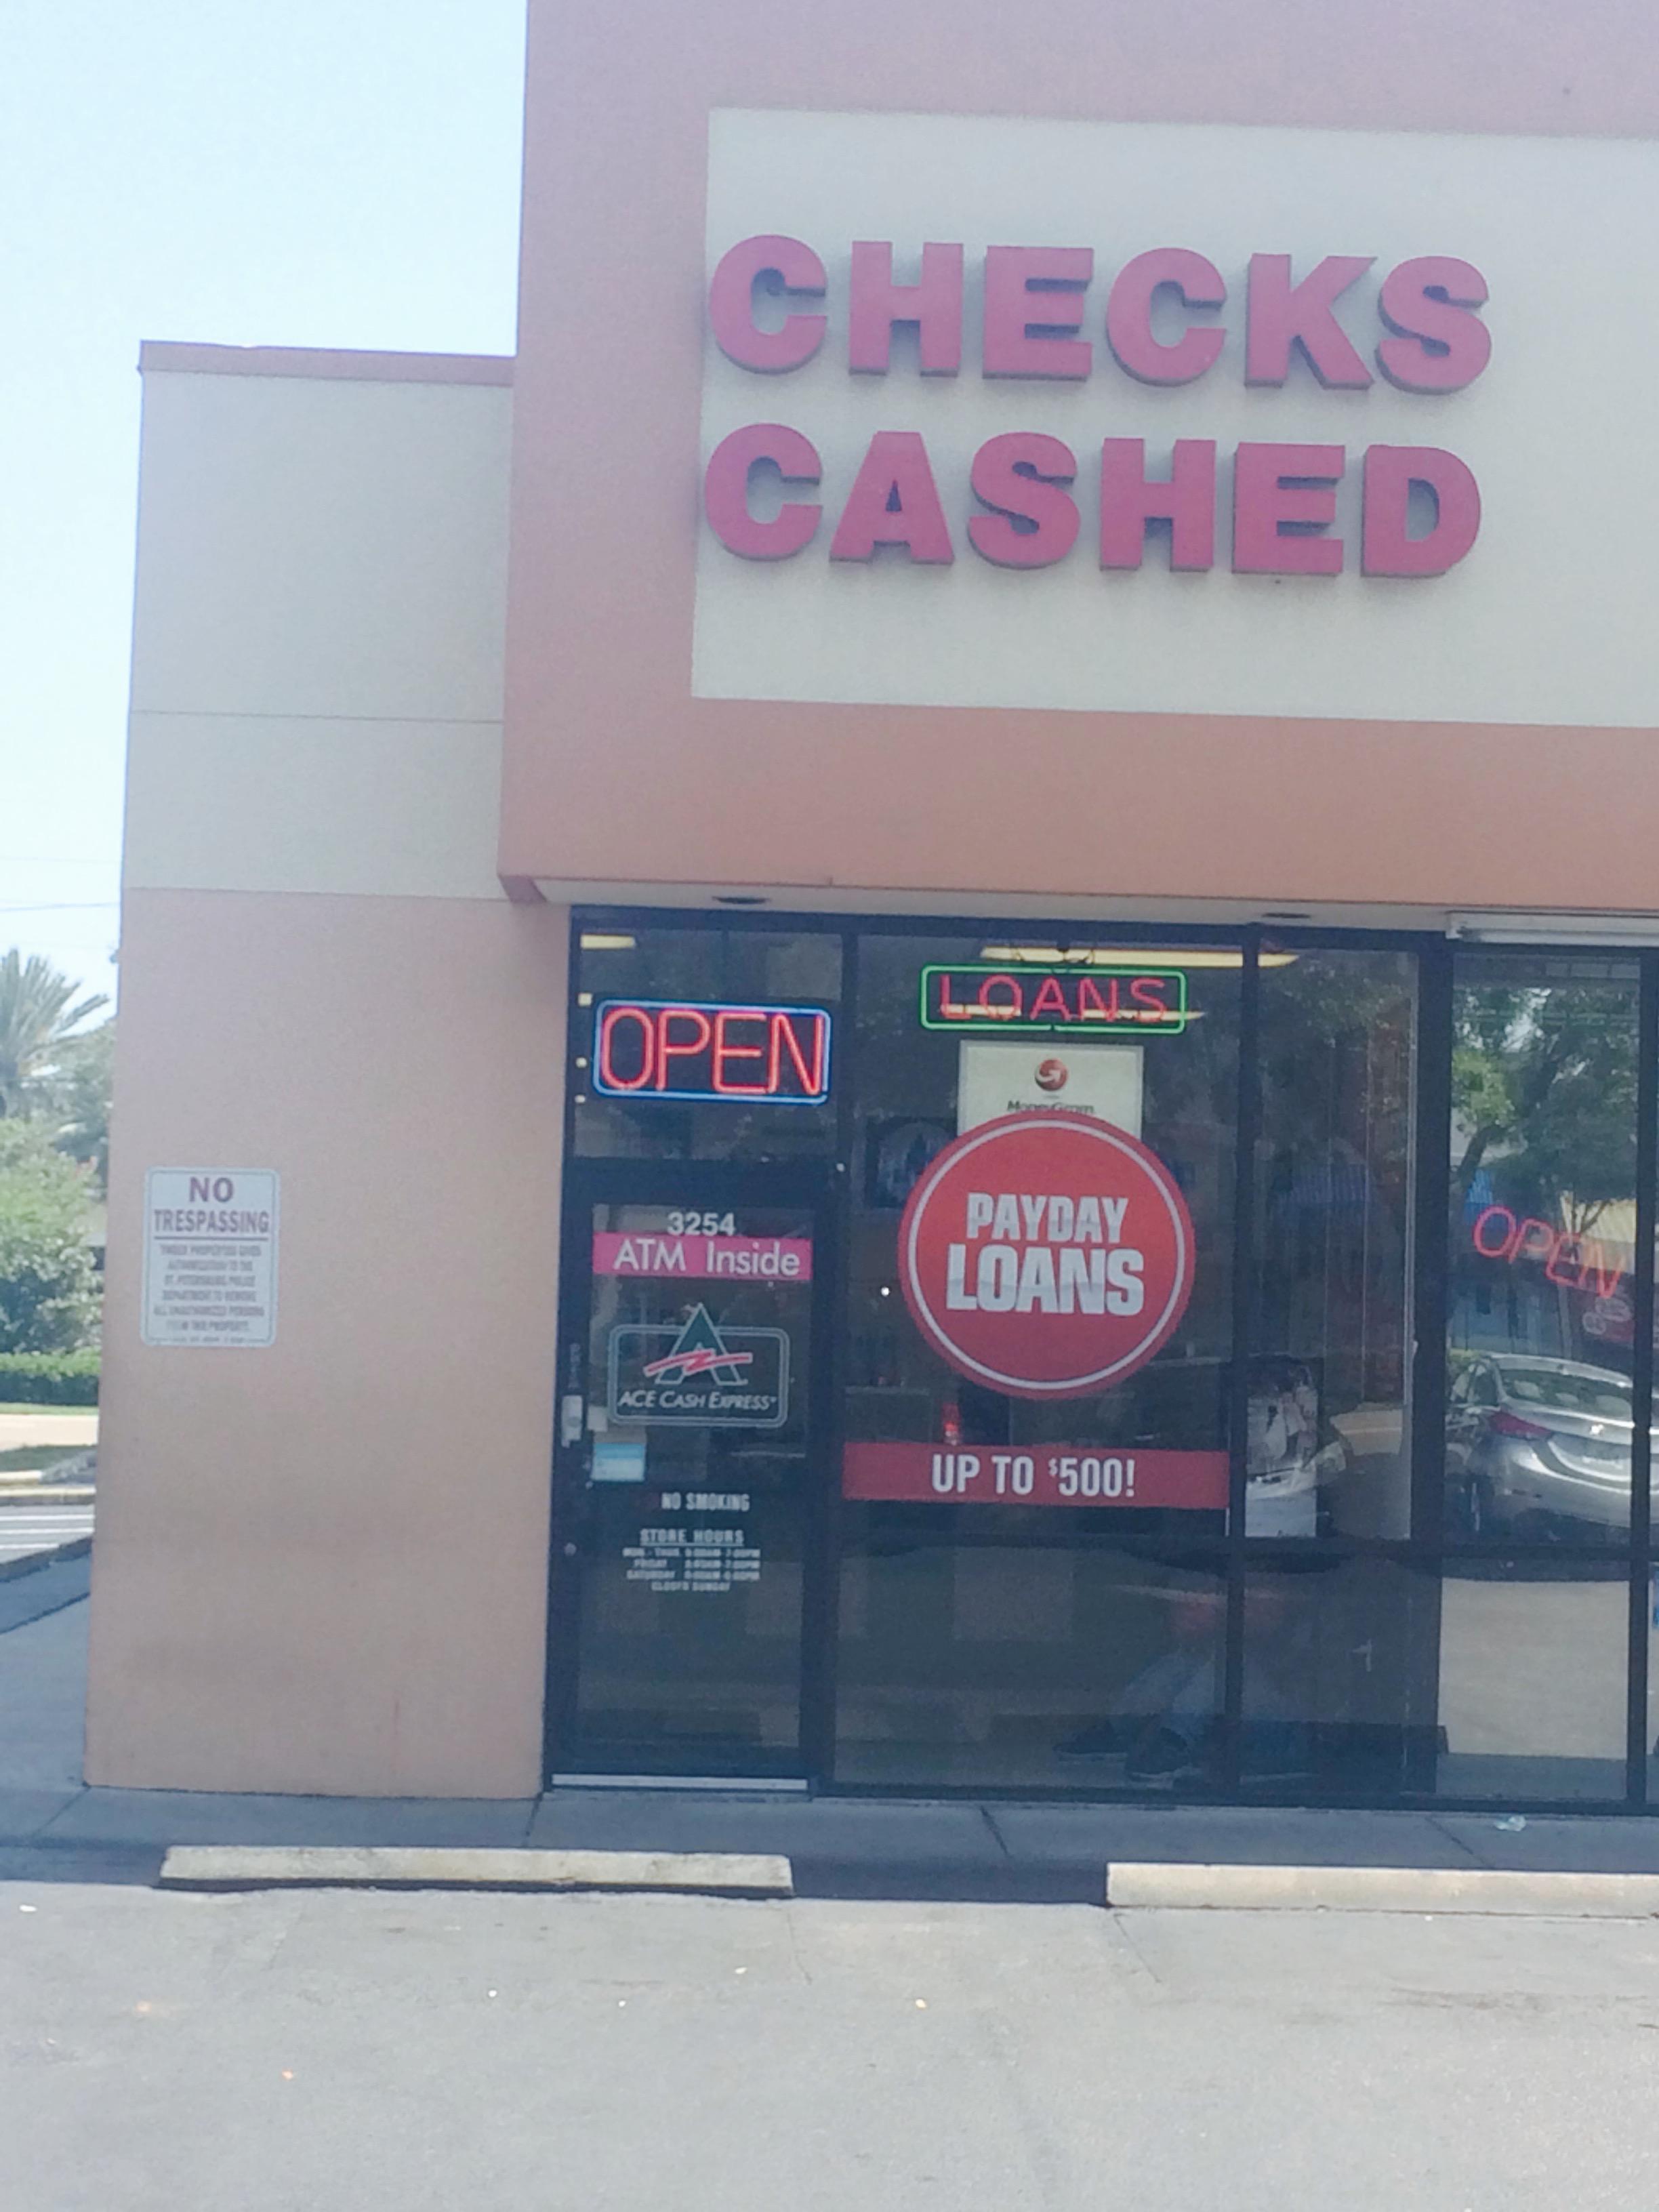 Open cash advance business picture 3